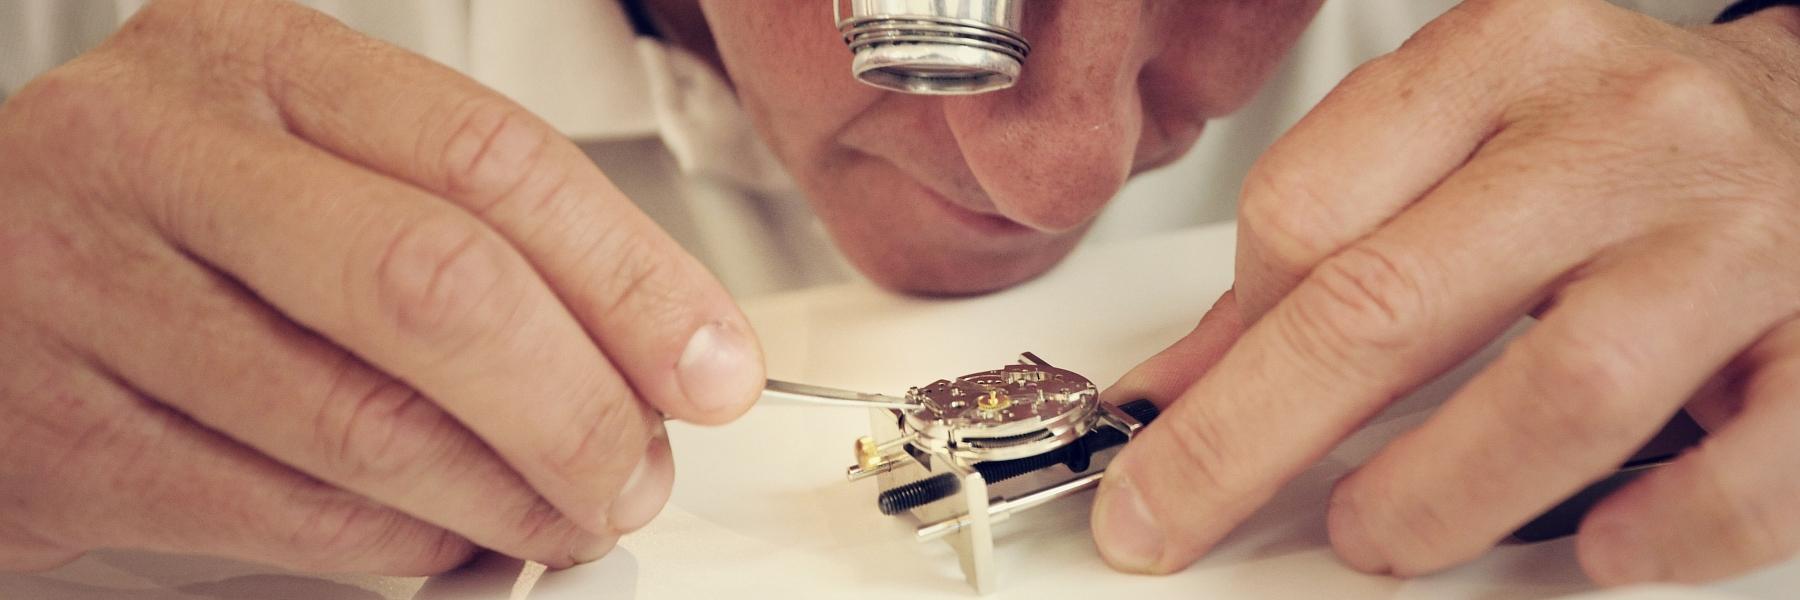 Établis d'horloger